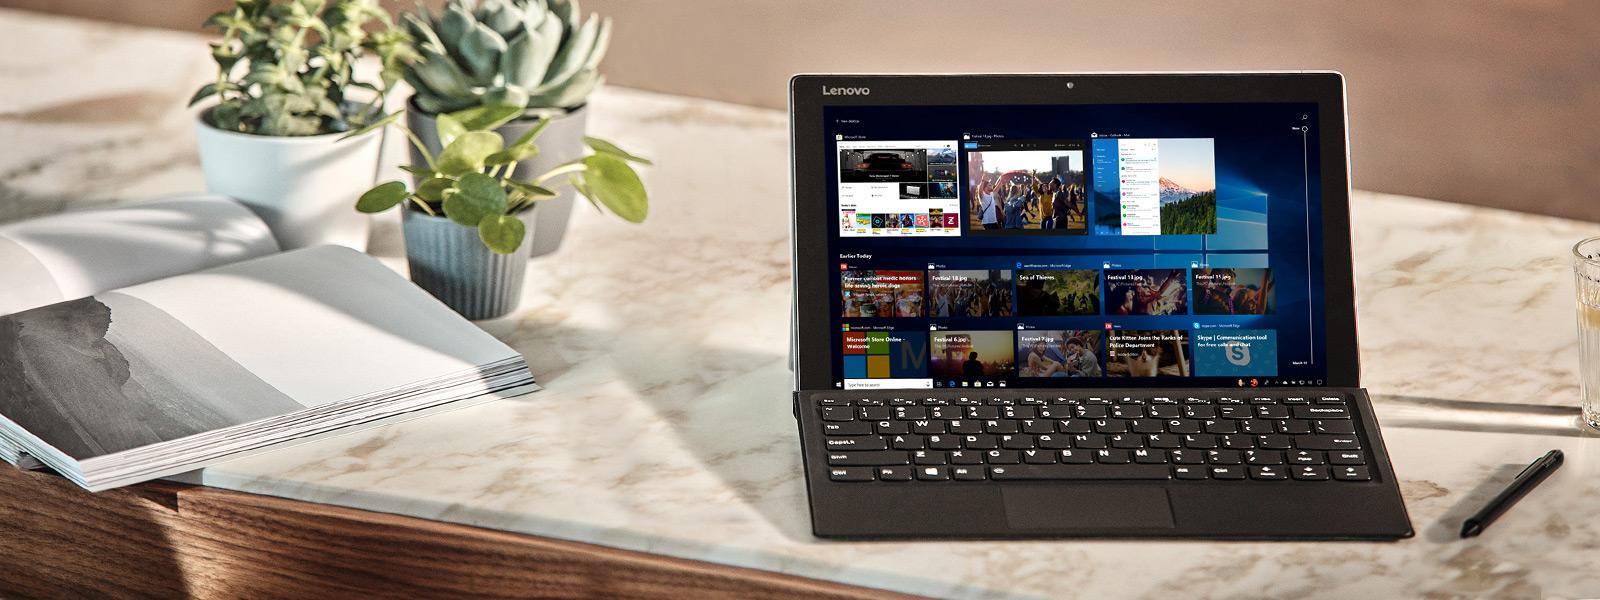 Zaslon računala s prikazom značajke ažuriranja sustava Windows 10 za travanj 2018.